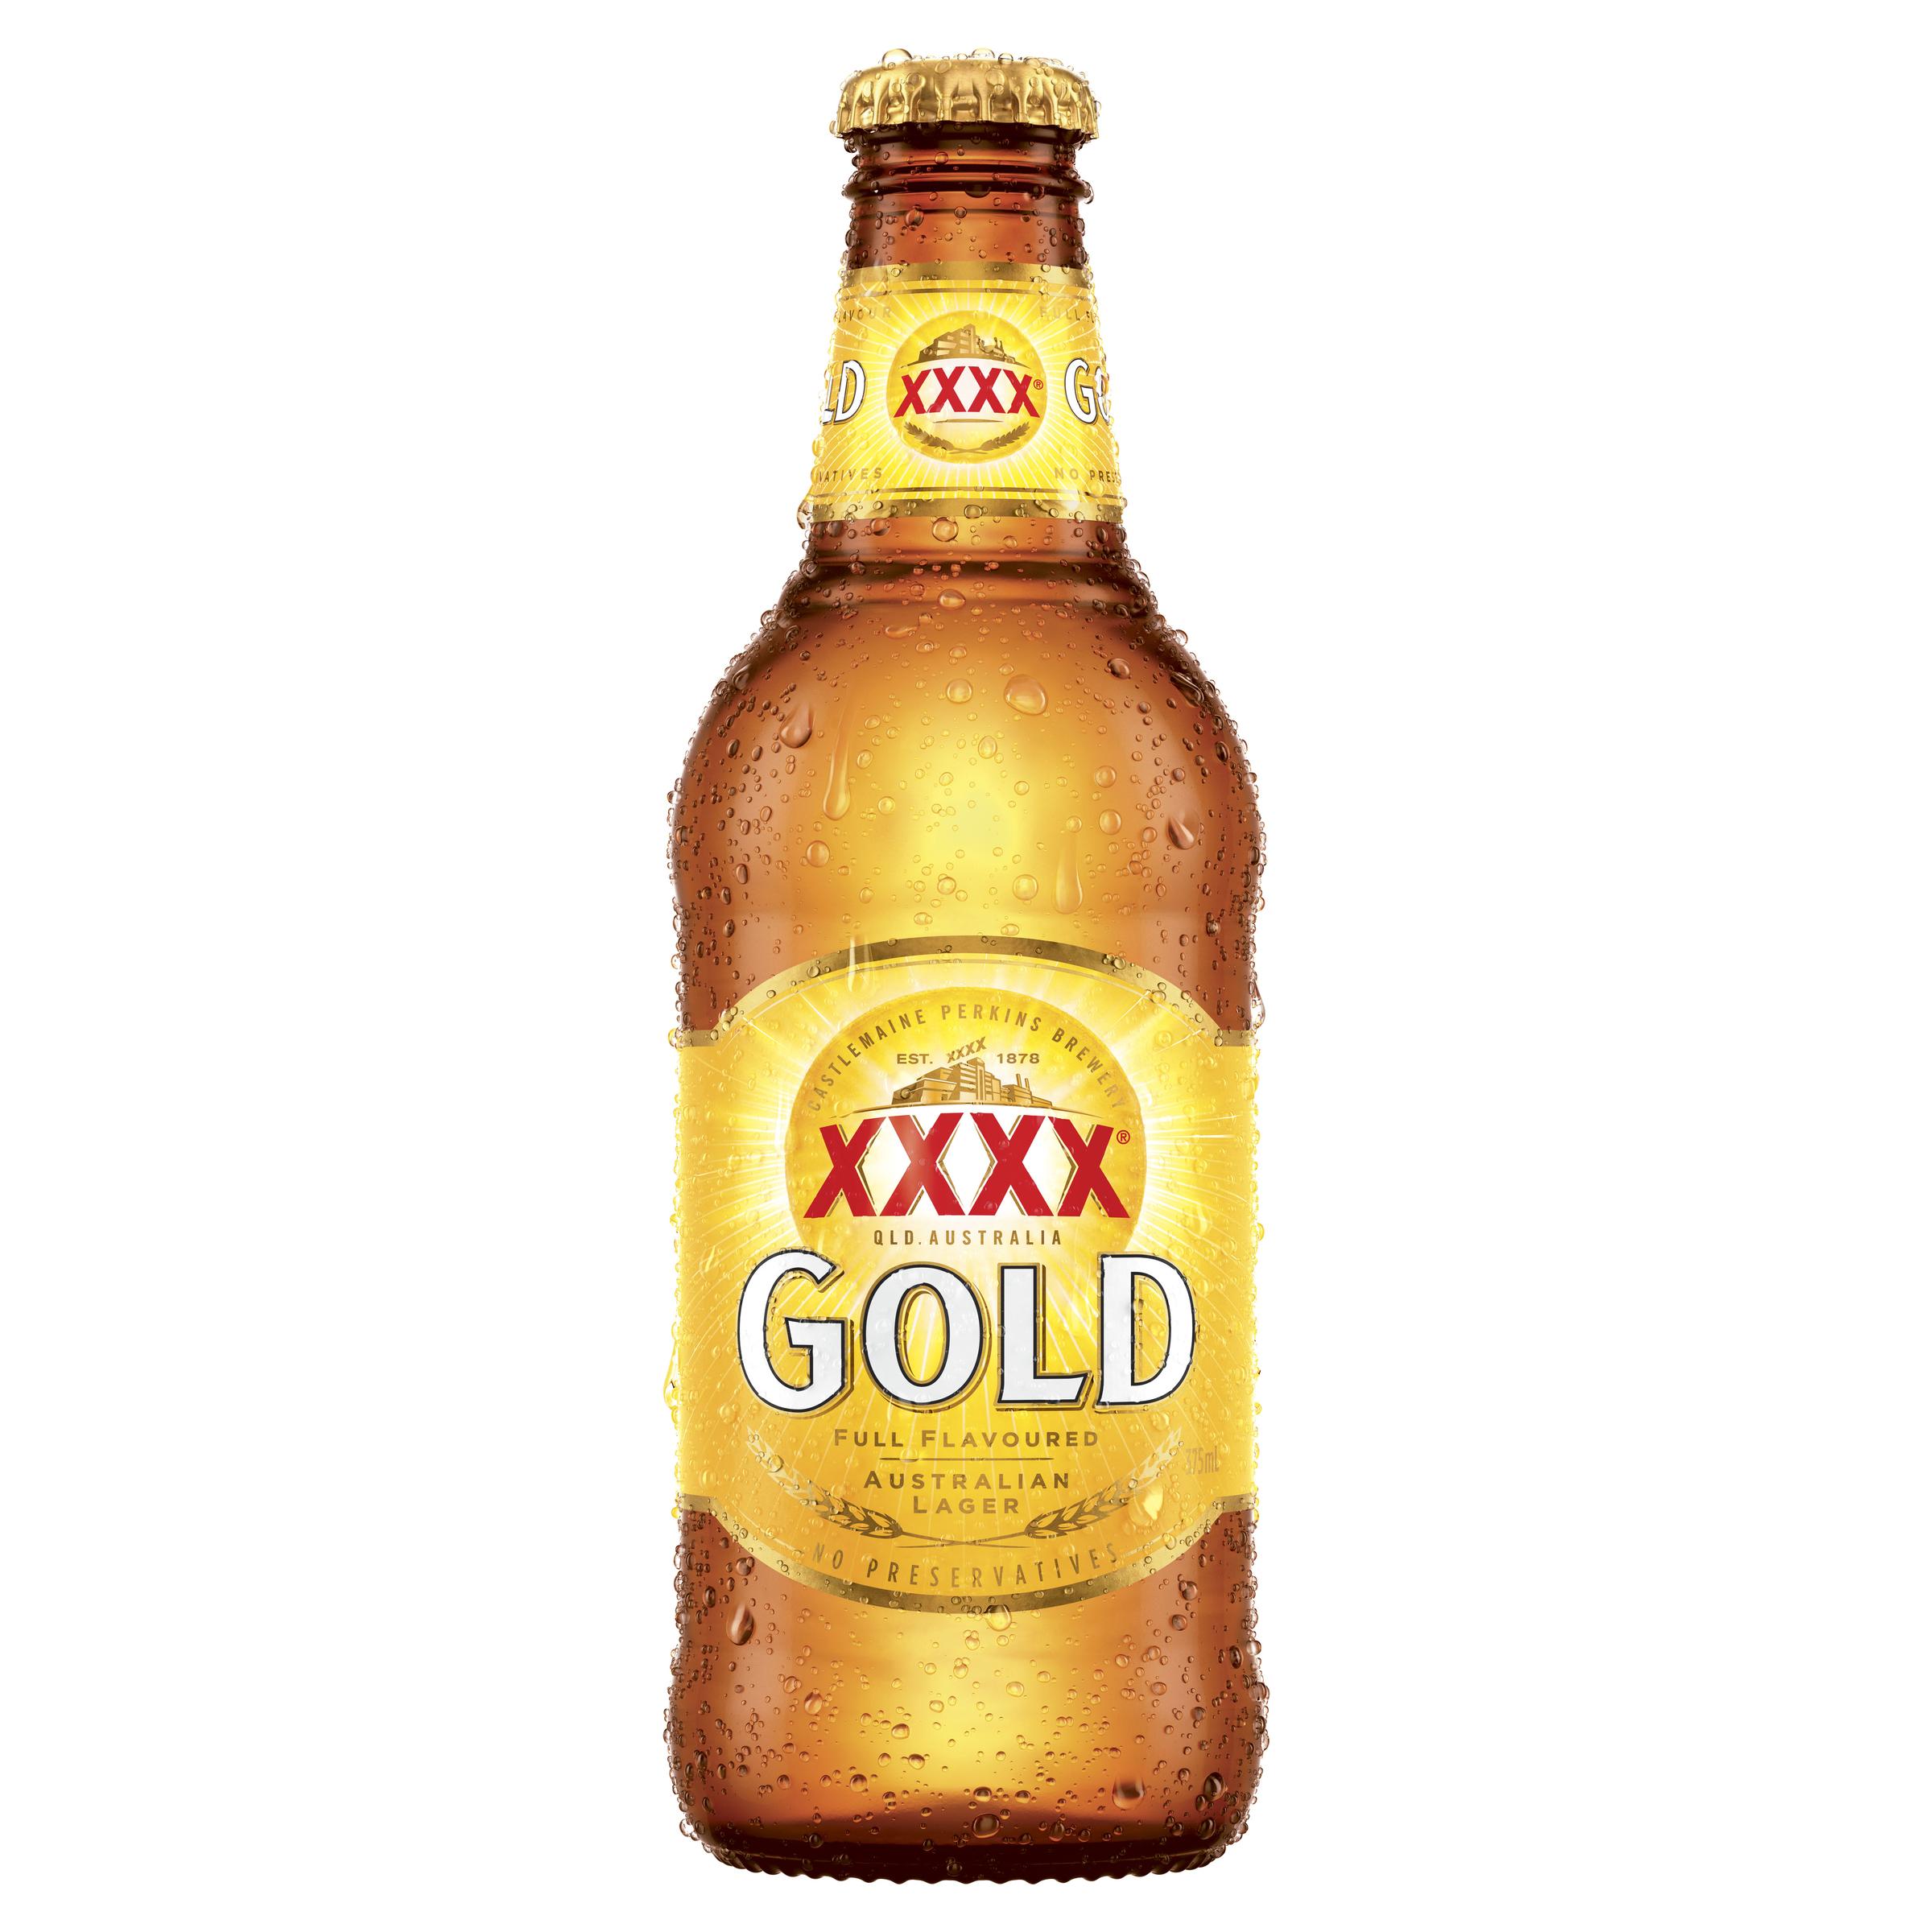 XXXX GOLD STUBBIES